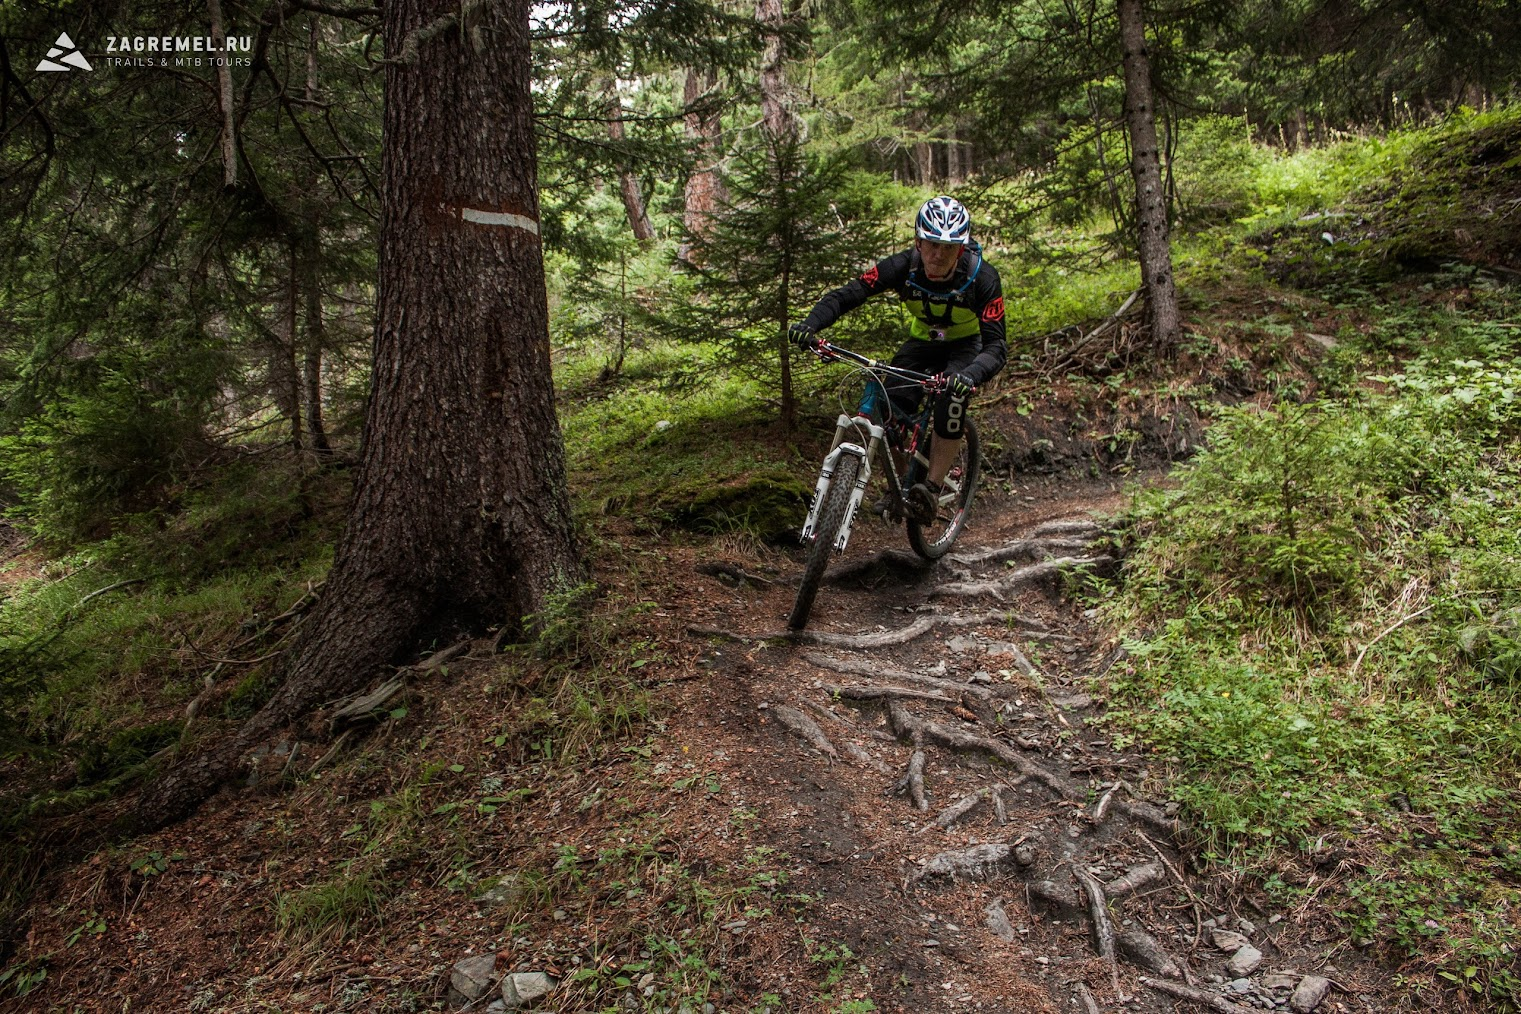 Блог им. pustota: Как колобок Кувалду в Альпы выгуливал.